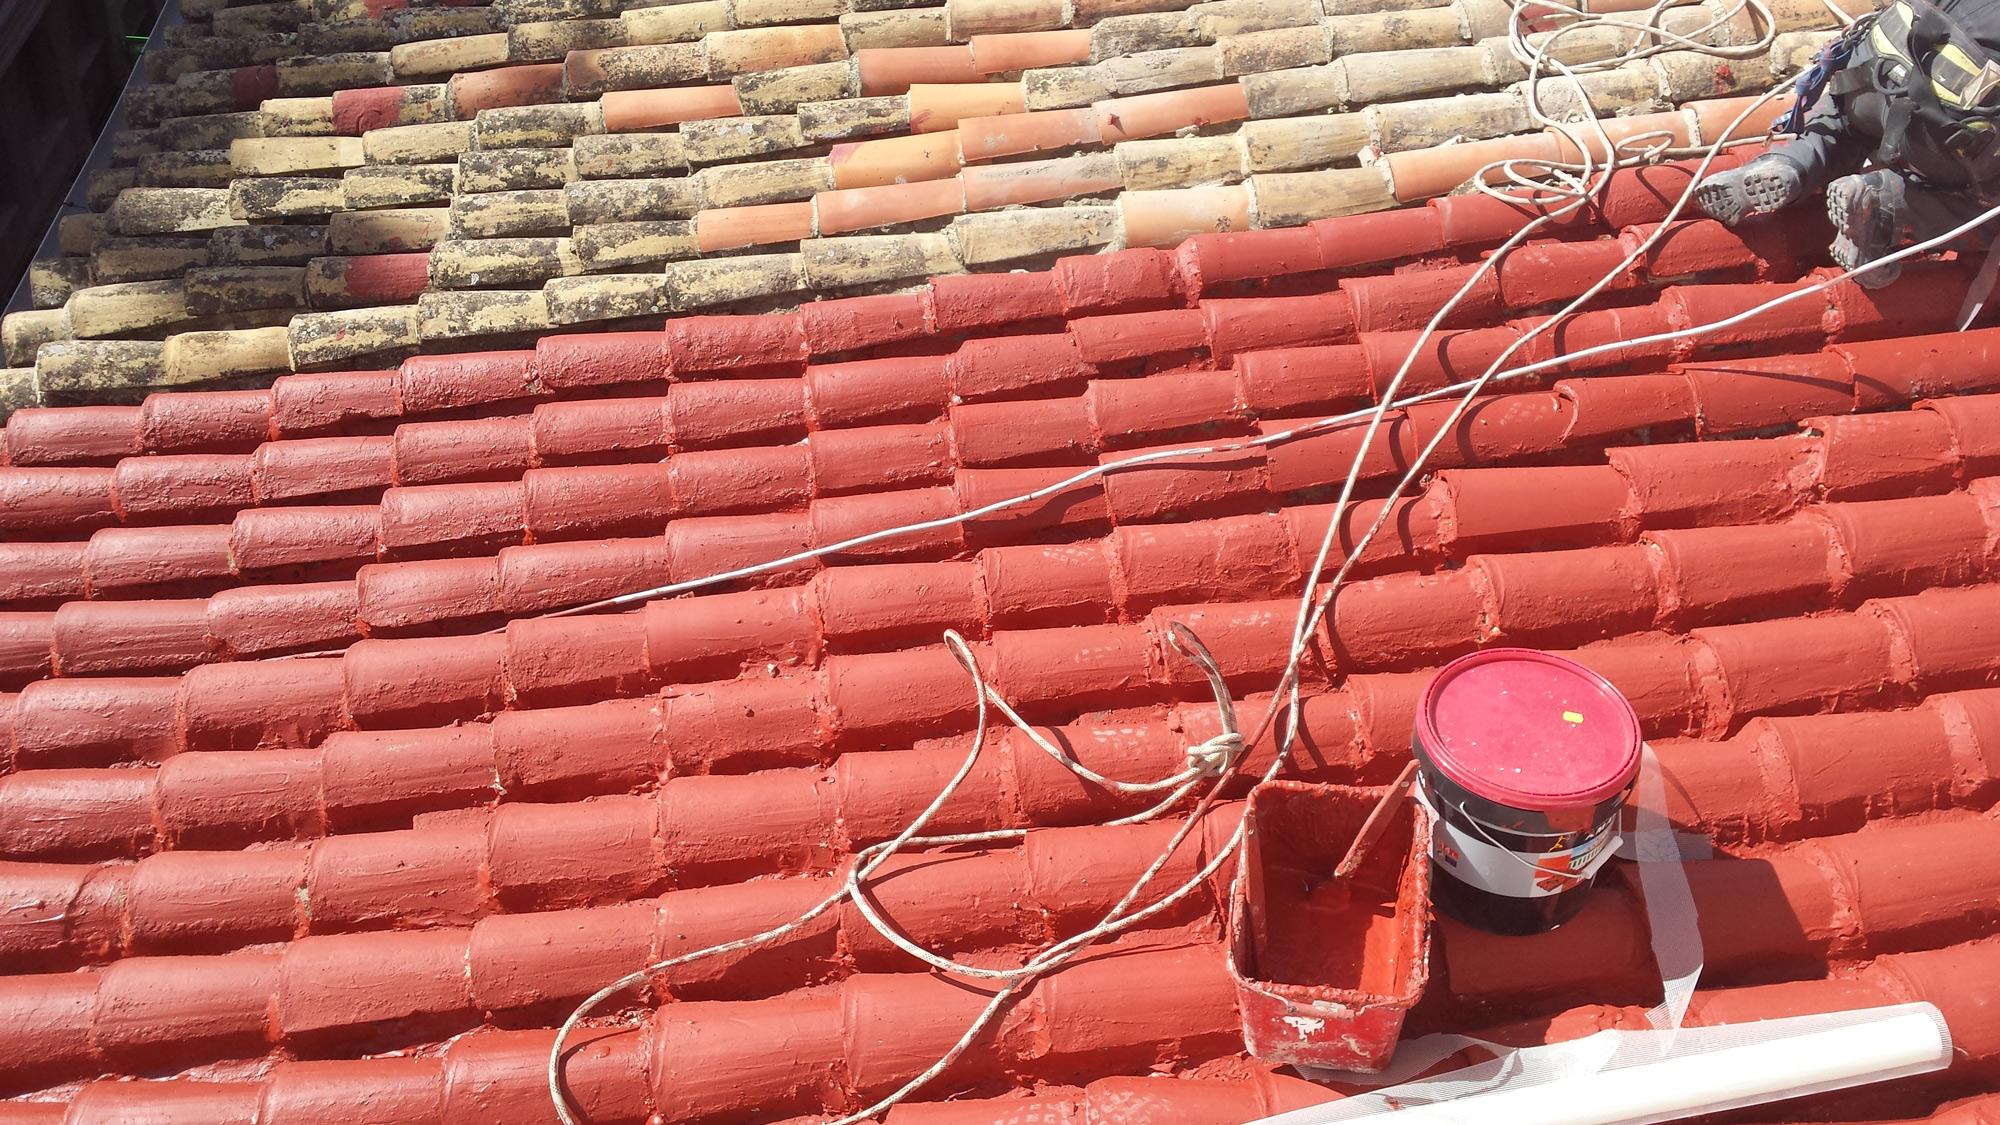 Rehabilitaci n impermeabilizaci n cubiertas tejados alicante - Clases de tejas para tejados ...